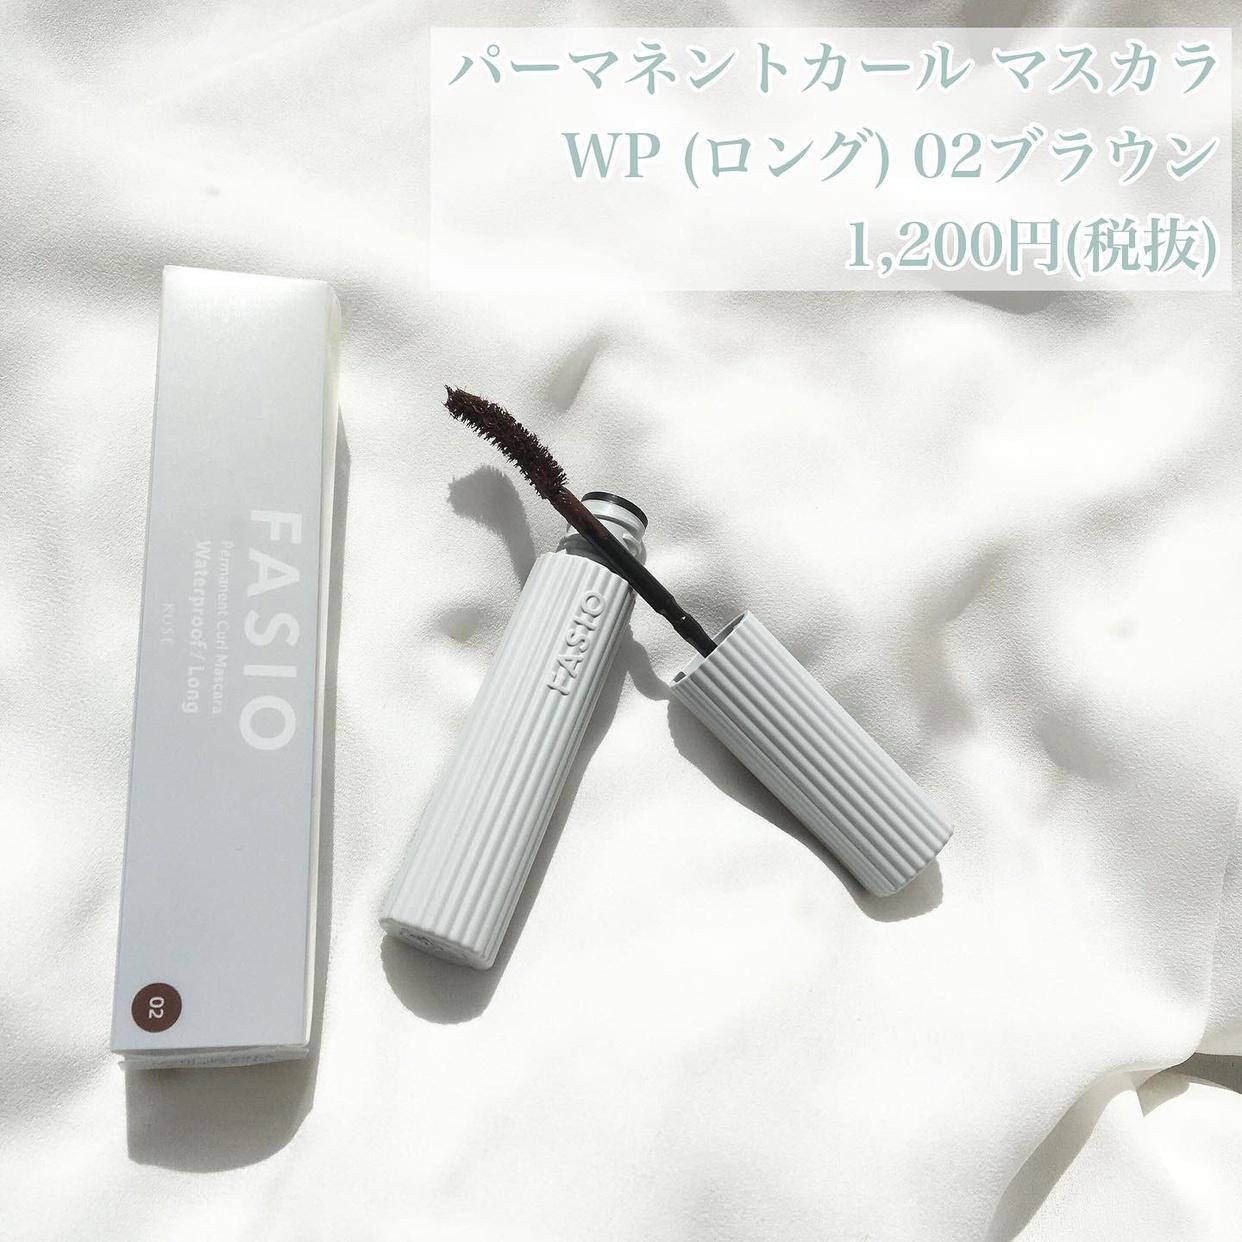 FASIO(ファシオ) パーマネントカールマスカラ WP(ロング)を使ったぶるどっくさんのクチコミ画像